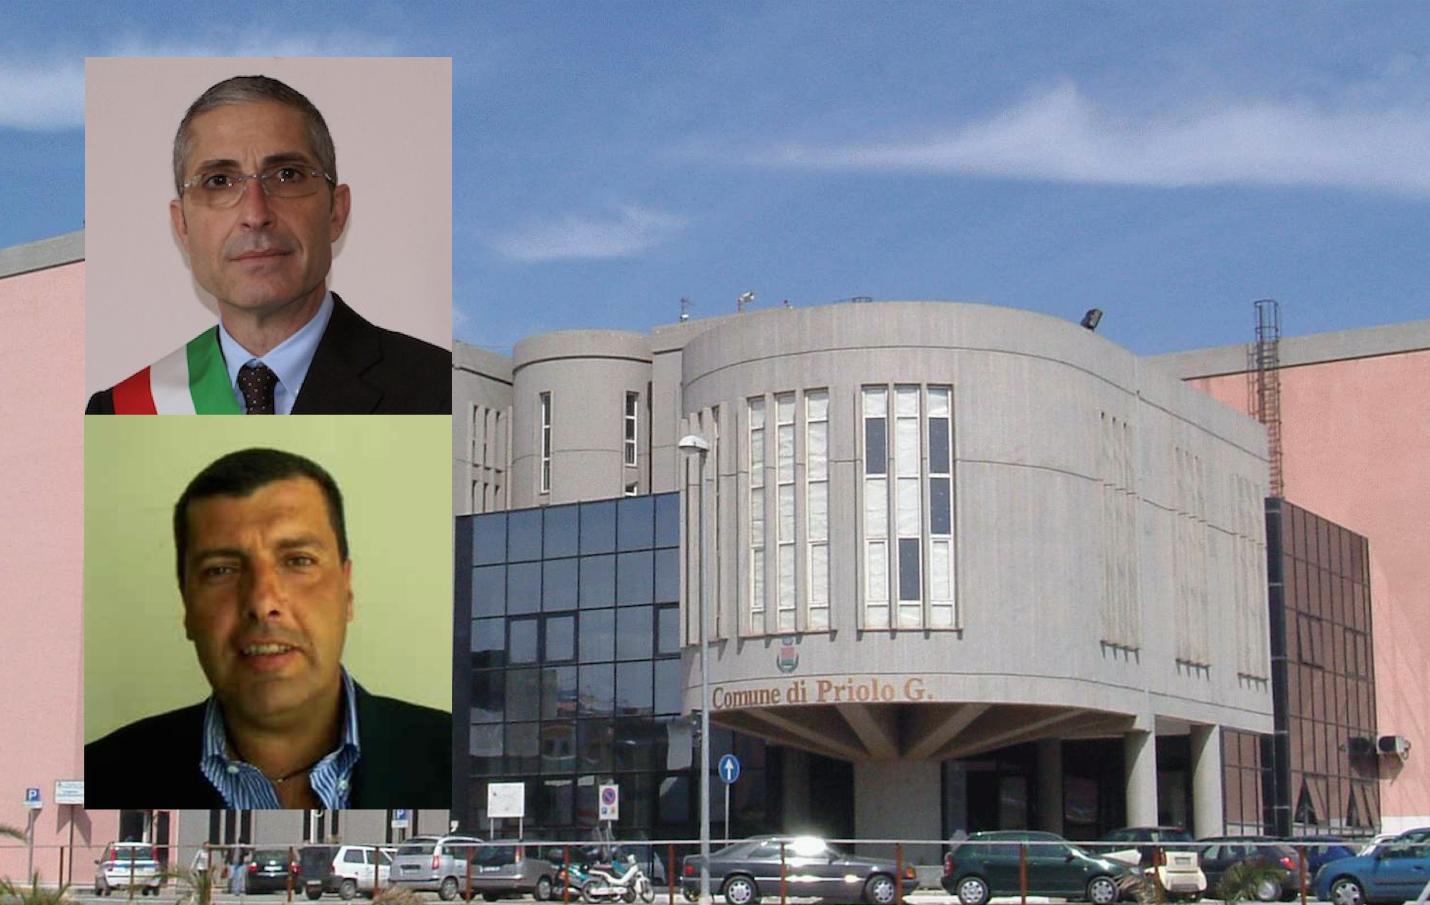 Terremoto giudiziario a Priolo, 19 indagati al Comune per concussione